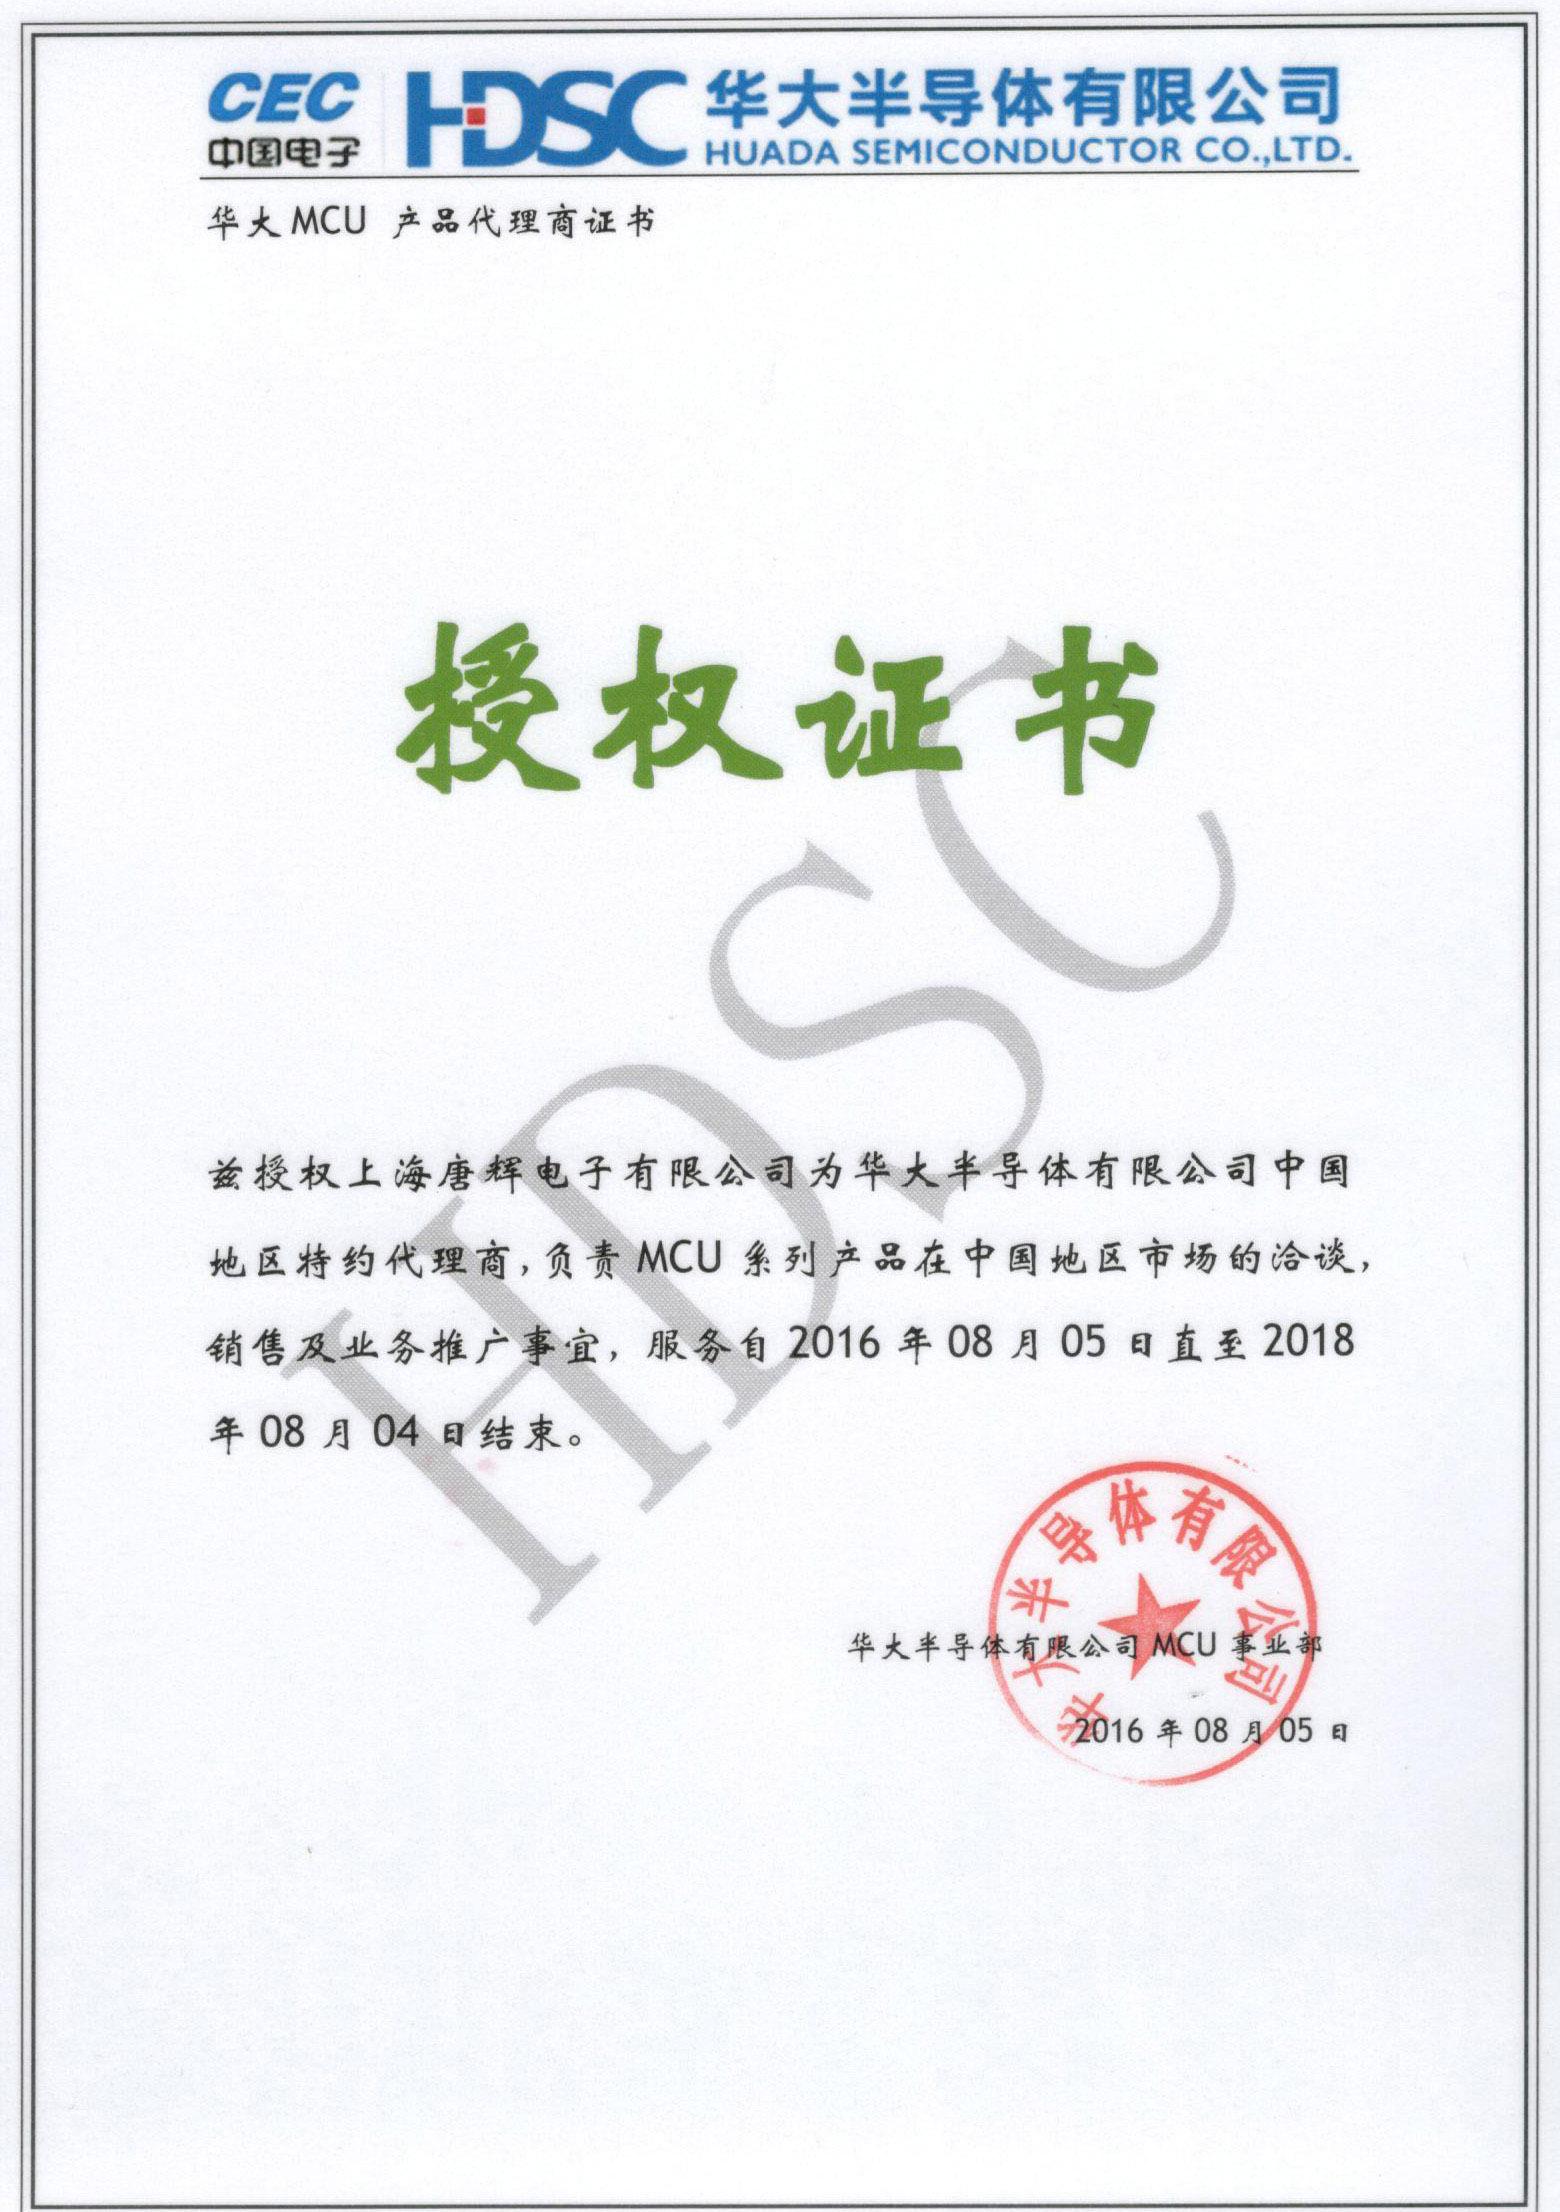 上海唐辉电子有限公司荣获华大半导体有限公司中国